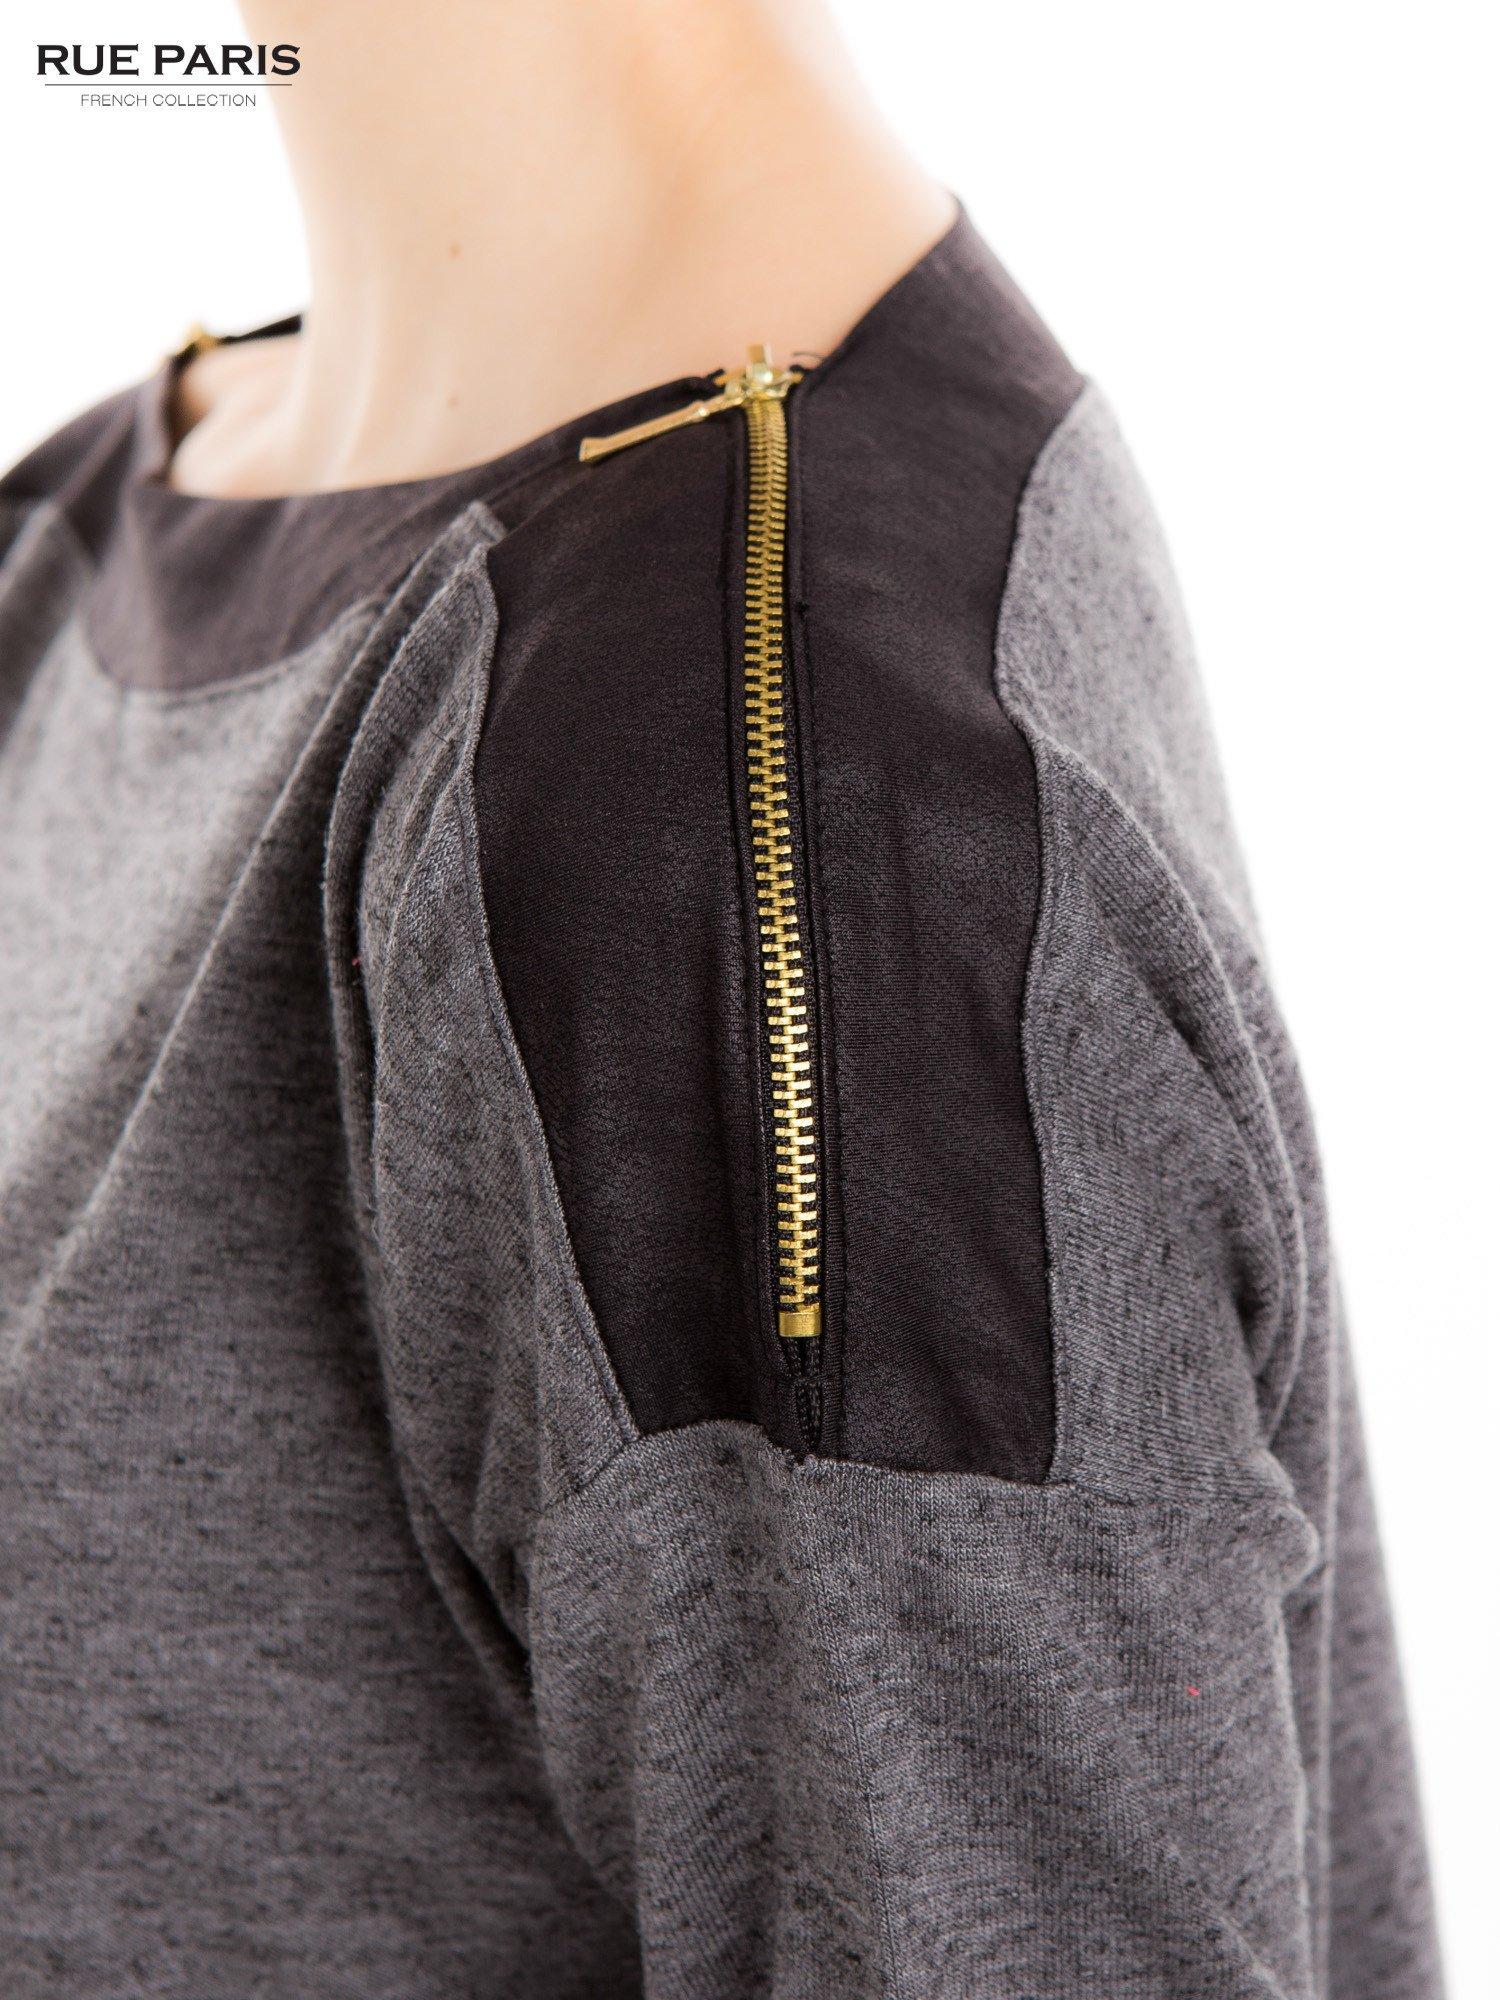 Szara melanżowa bluzka z suwakami na ramionach                                  zdj.                                  4